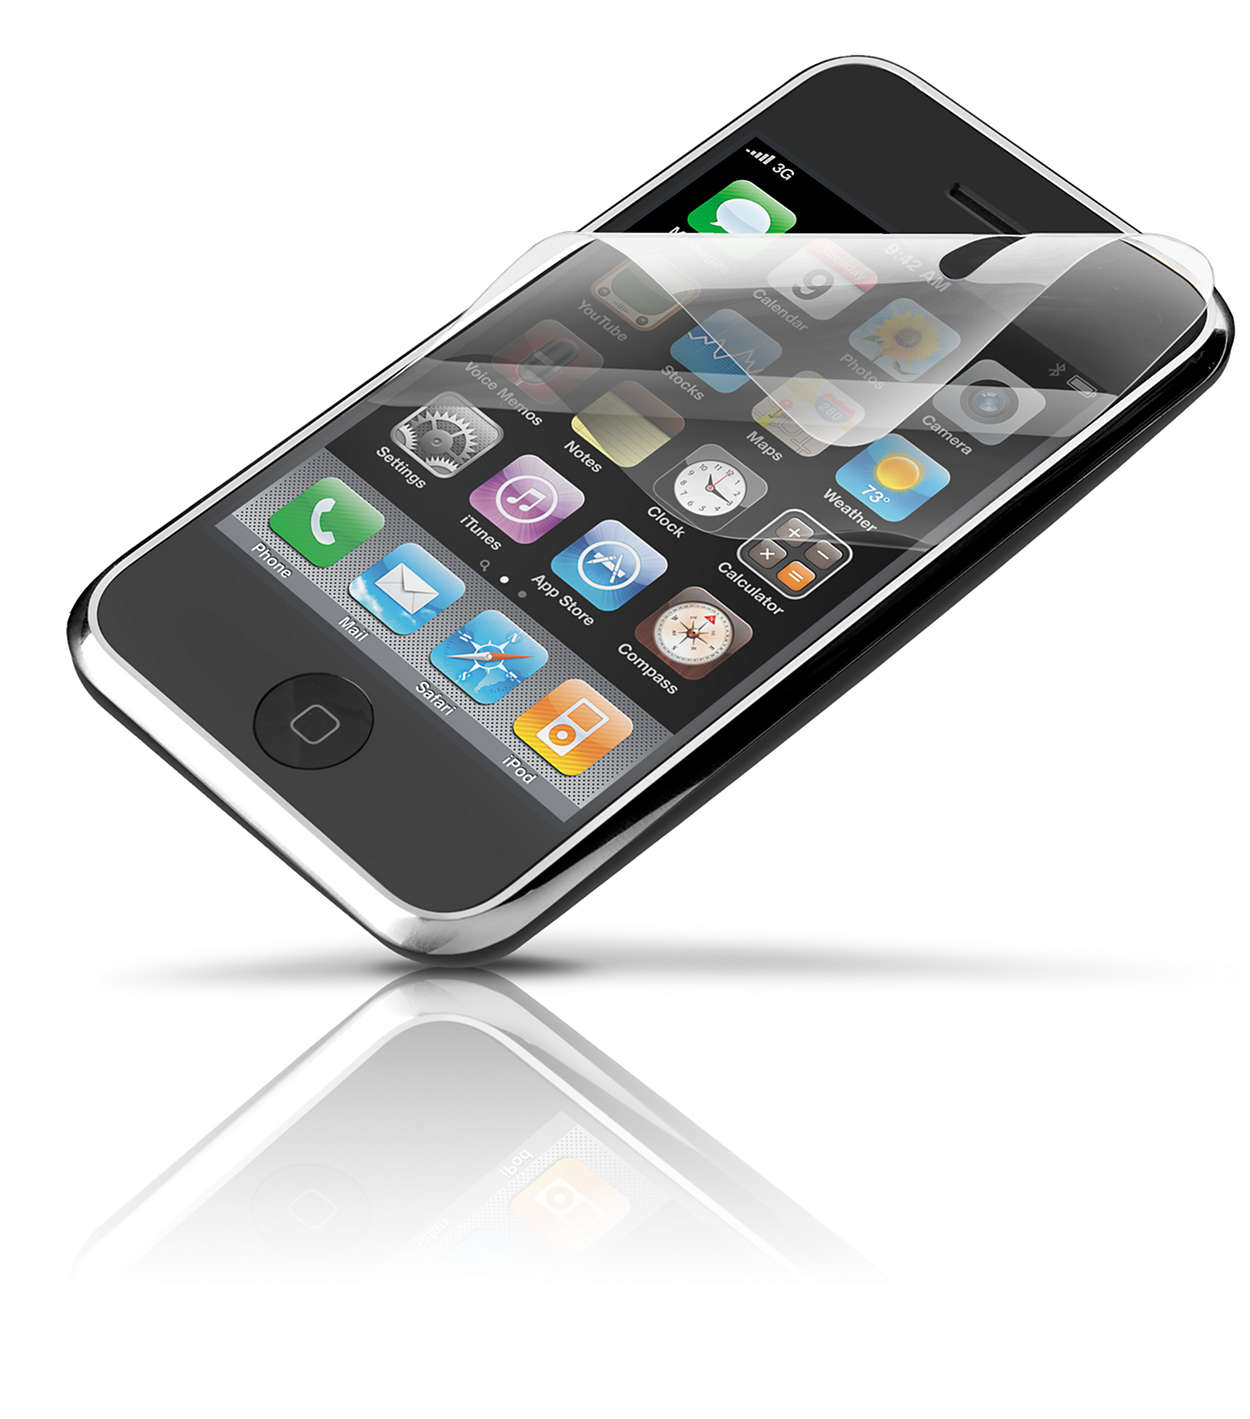 Protege la pantalla de tu iPhone